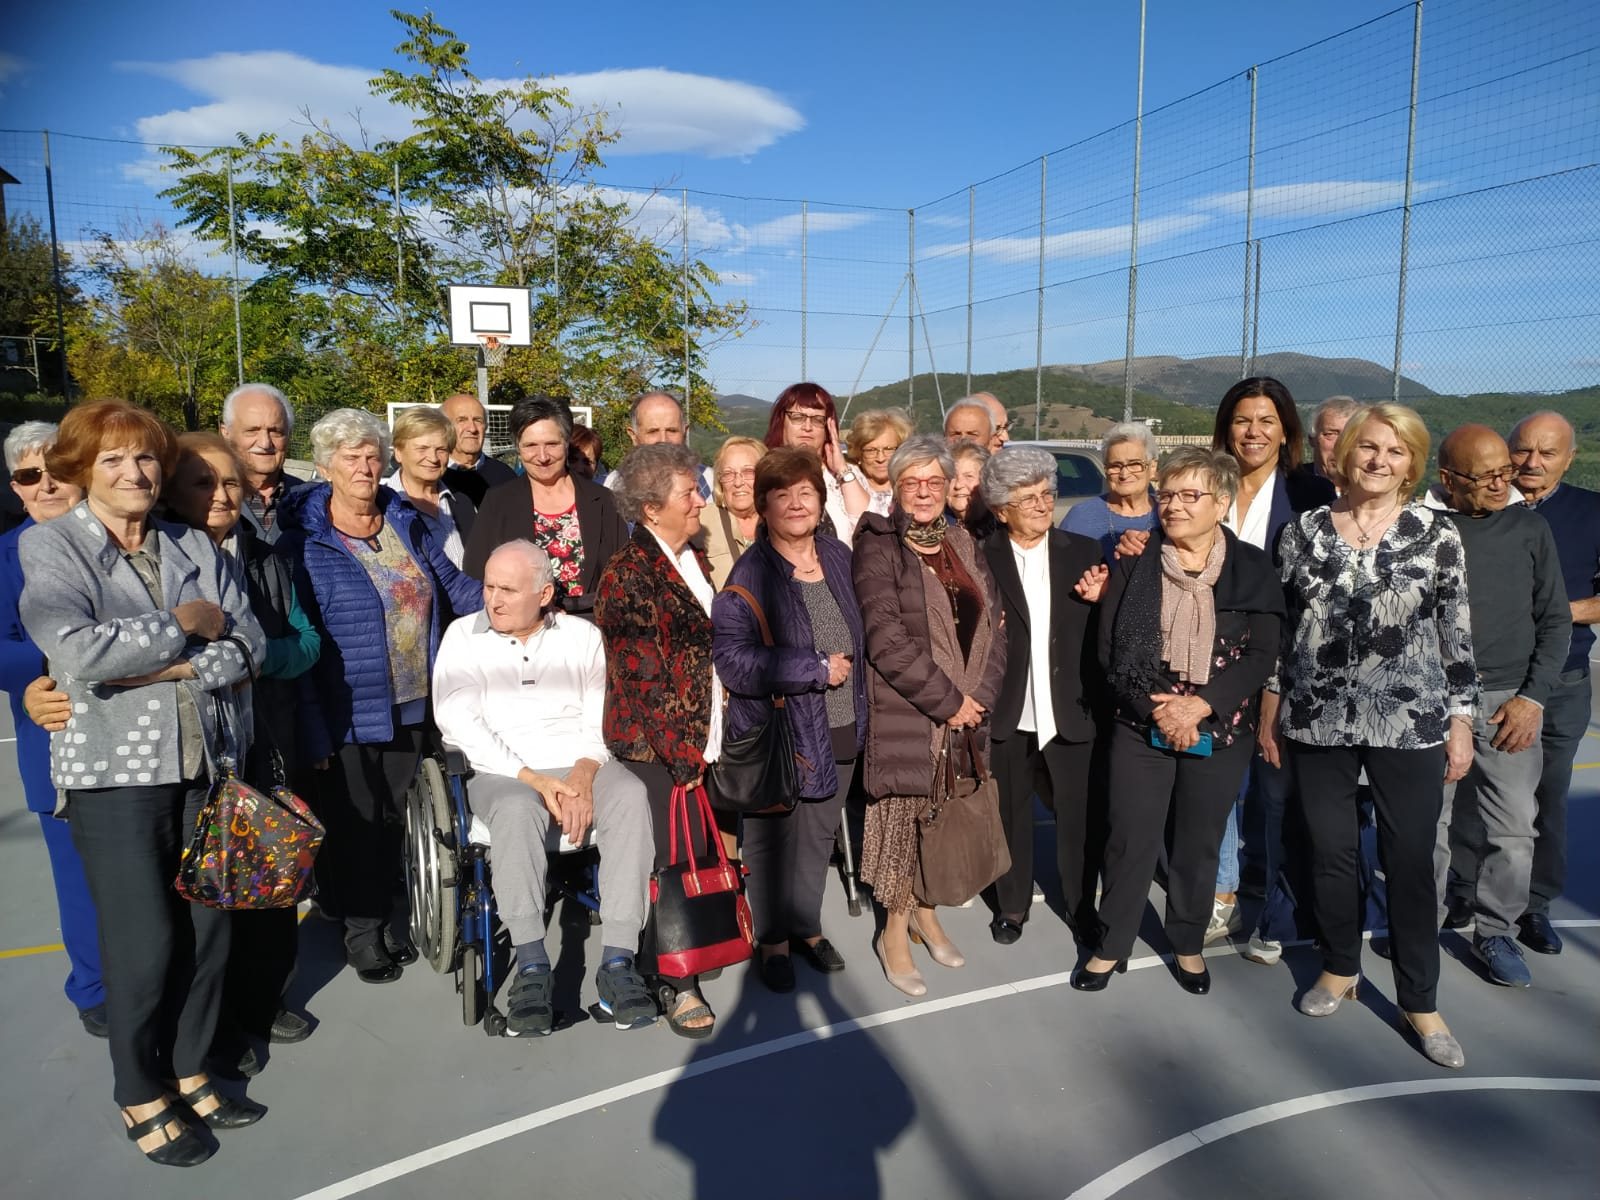 Foto di gruppo del pranzo sociale al centro anziani TIBURZIO VERGELLI